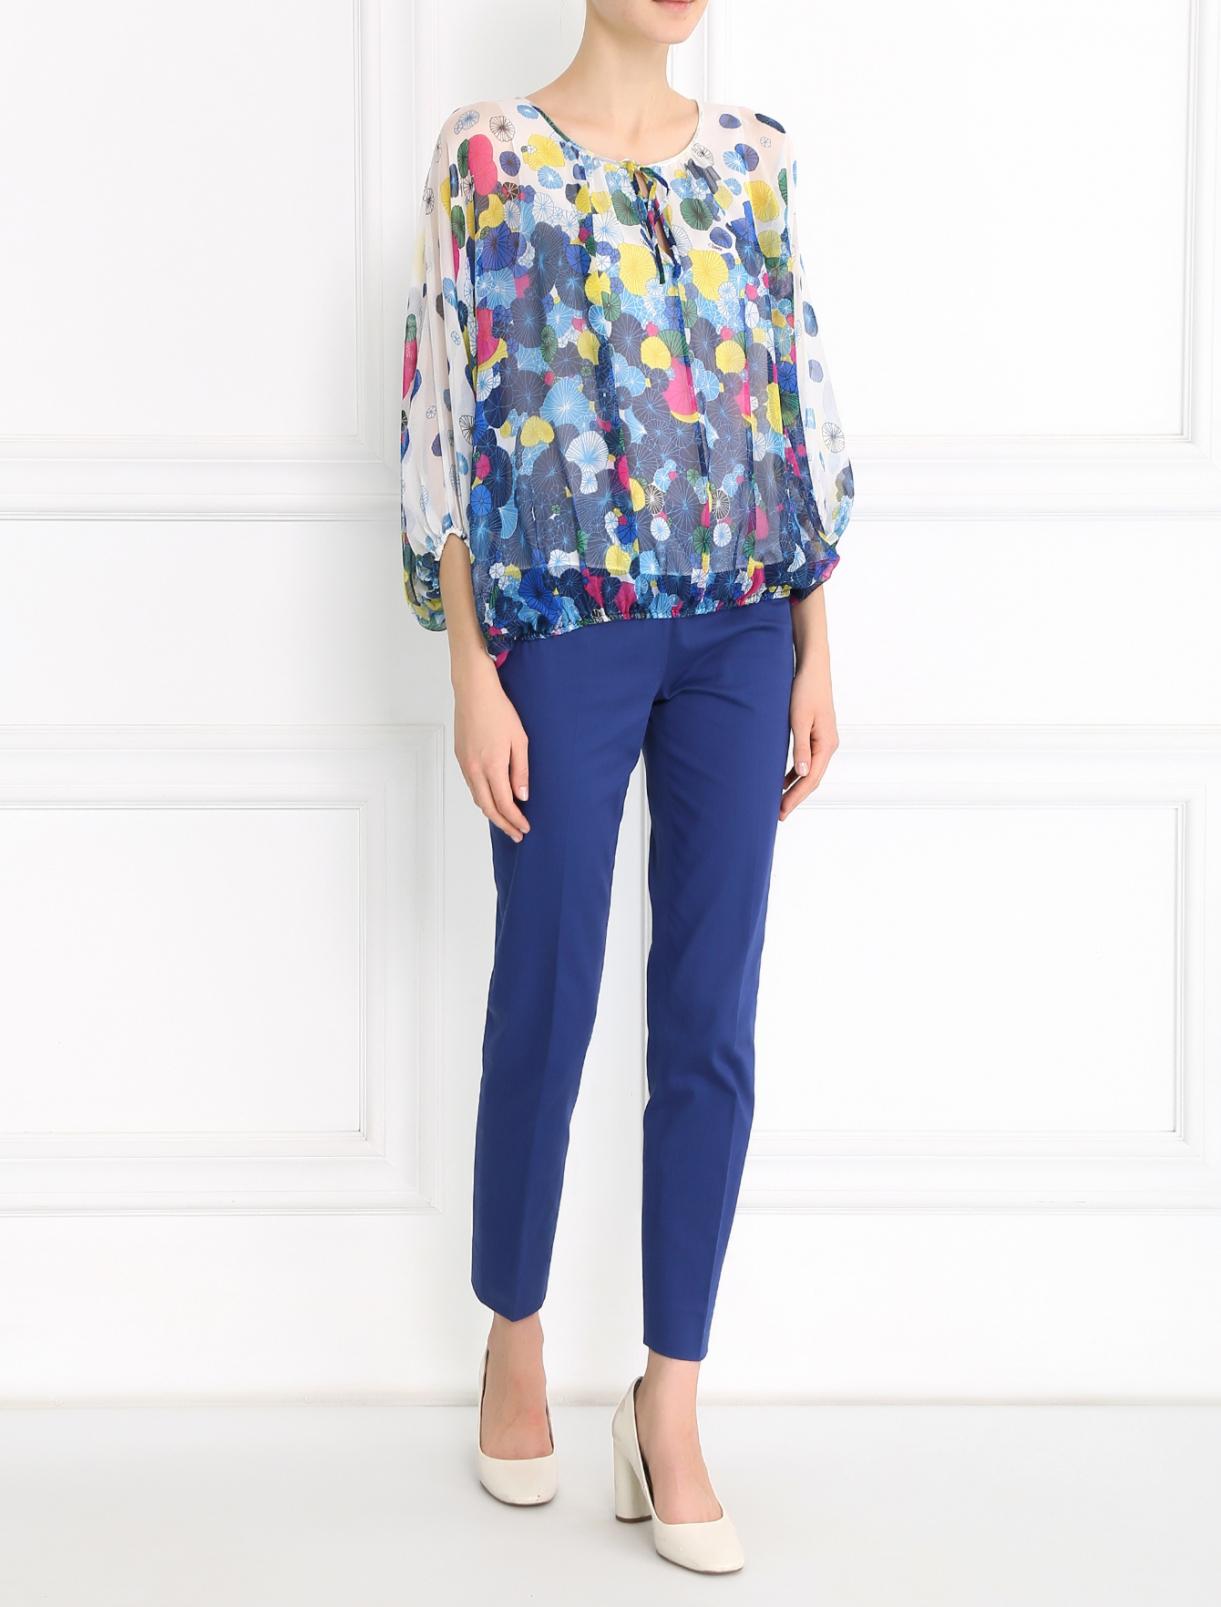 Блуза из шелка с узором Diane von Furstenberg  –  Модель Общий вид  – Цвет:  Узор